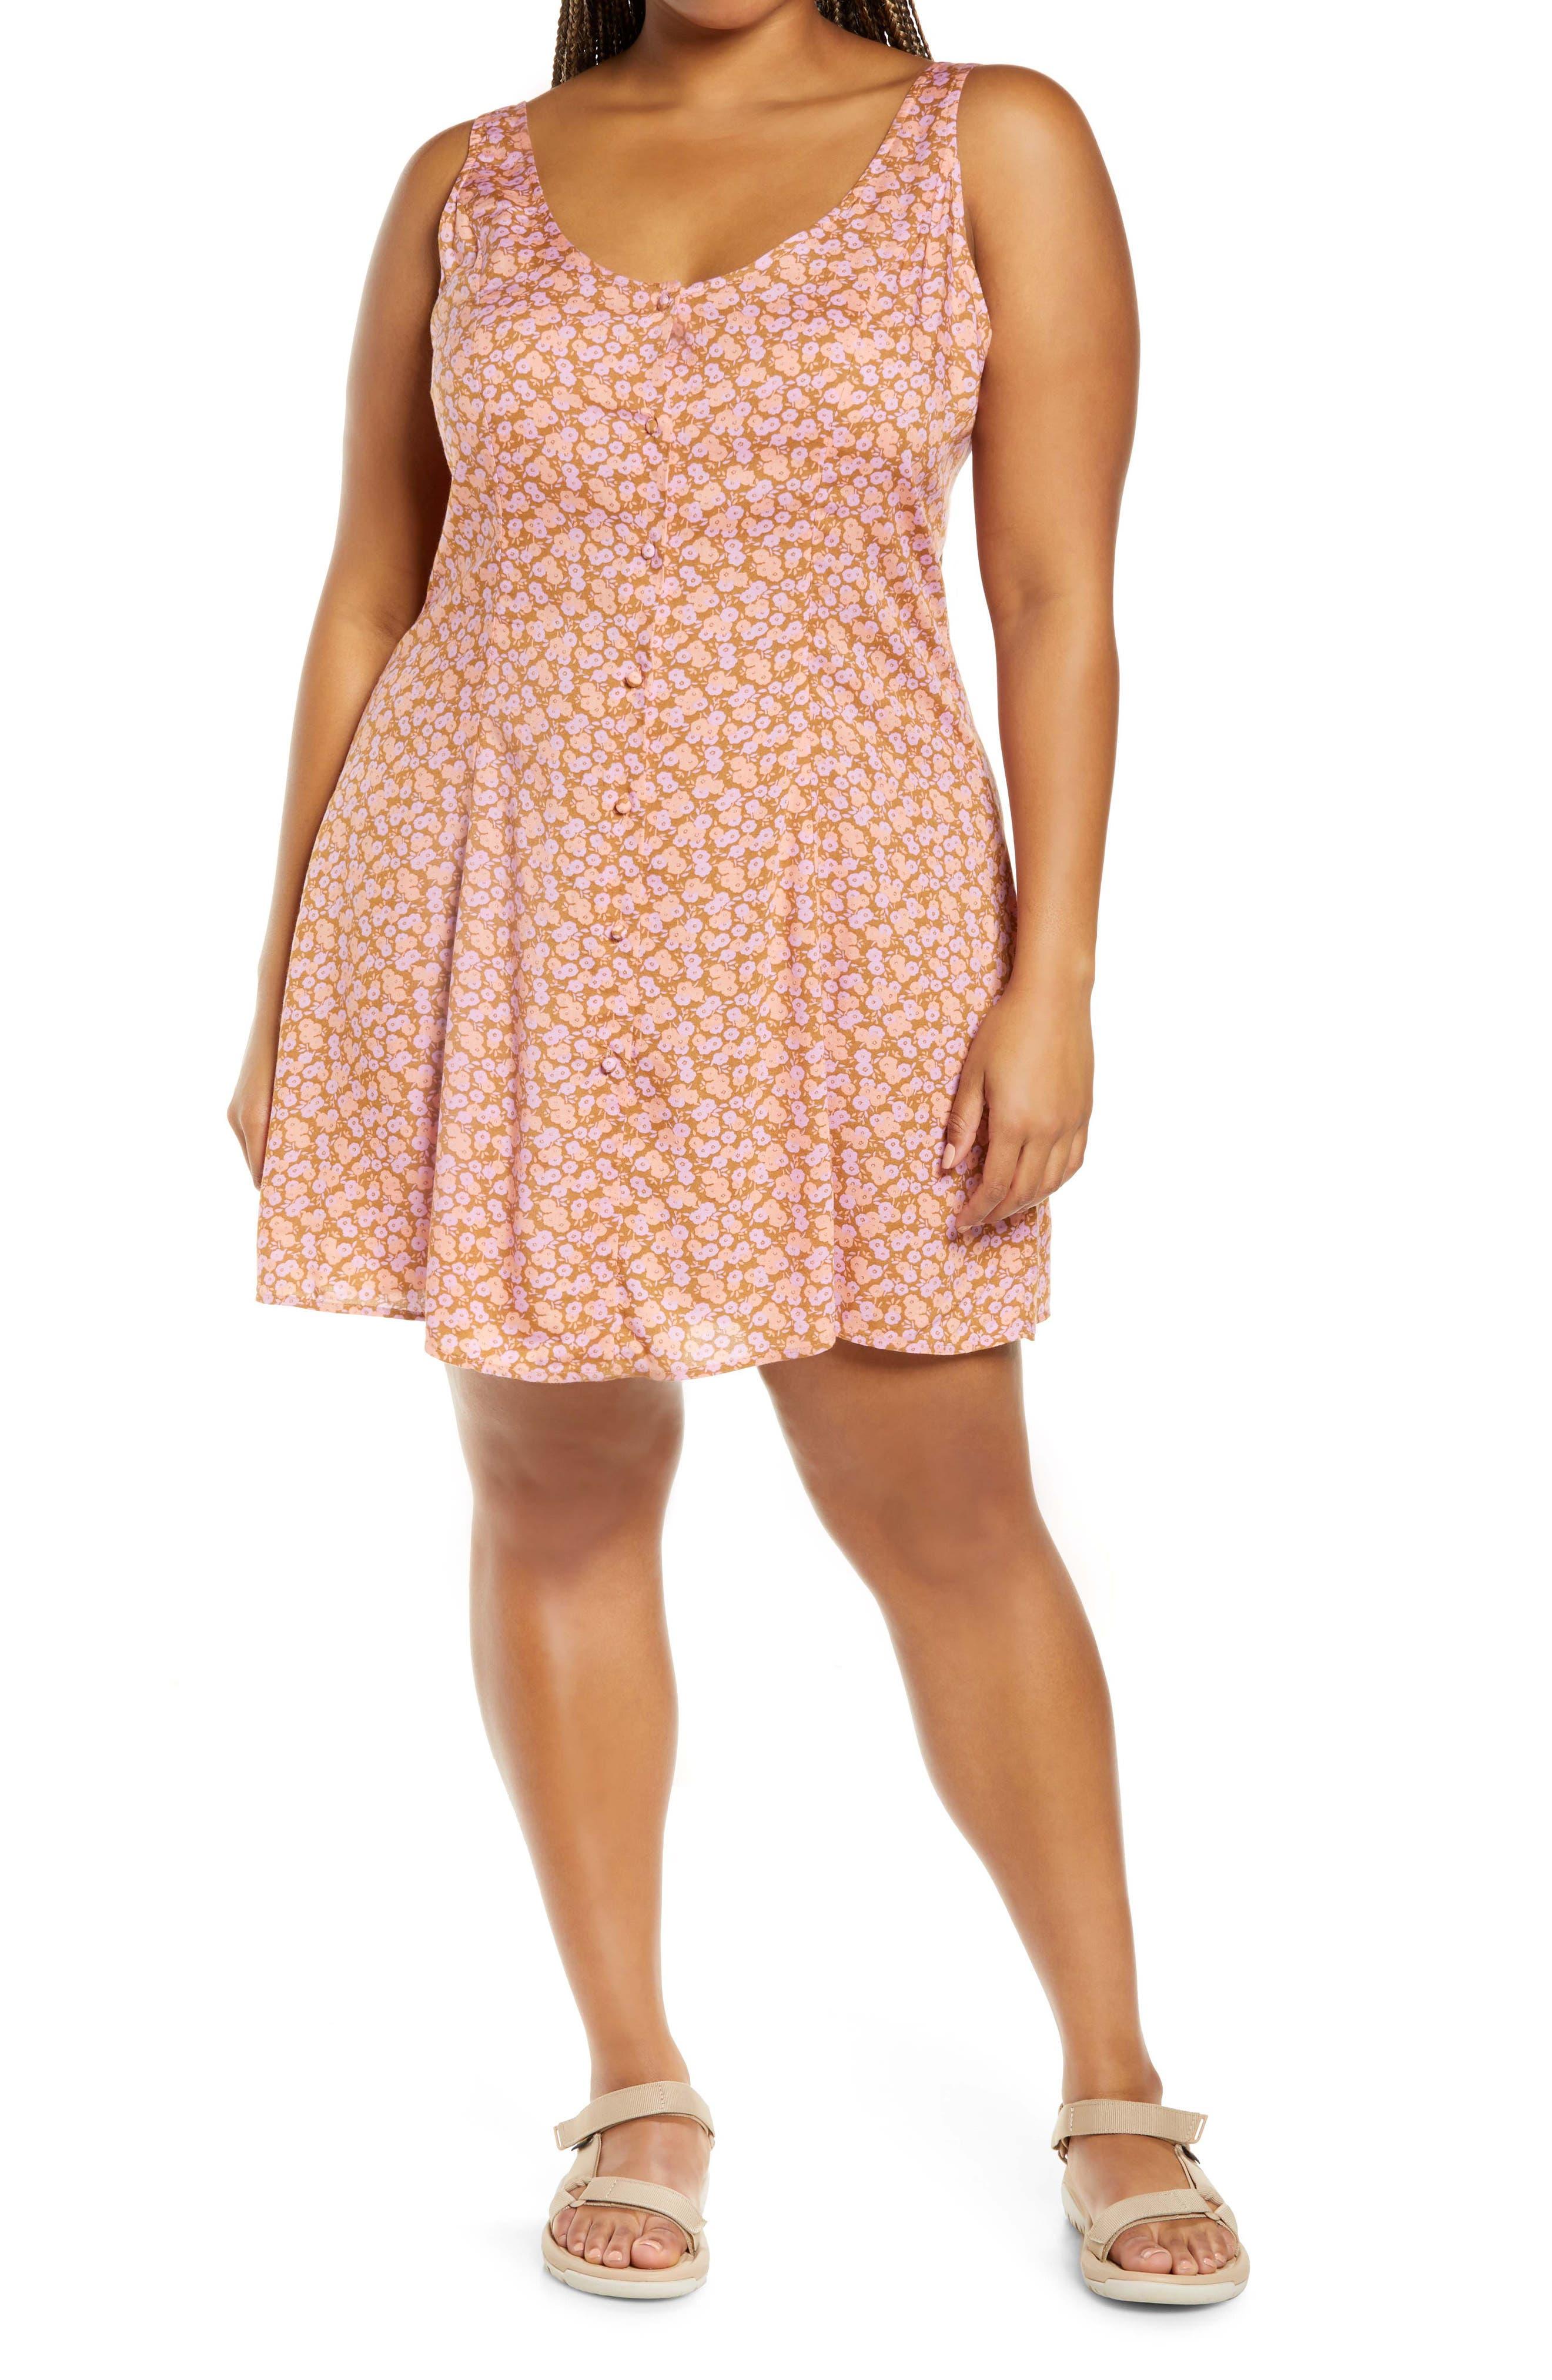 Size Dresses,Nordstrom Plus Size Dress,Plus Size Day Dresses,Large Dresses,Button Dress,Button Dress,plus size summer dresses,button dress,